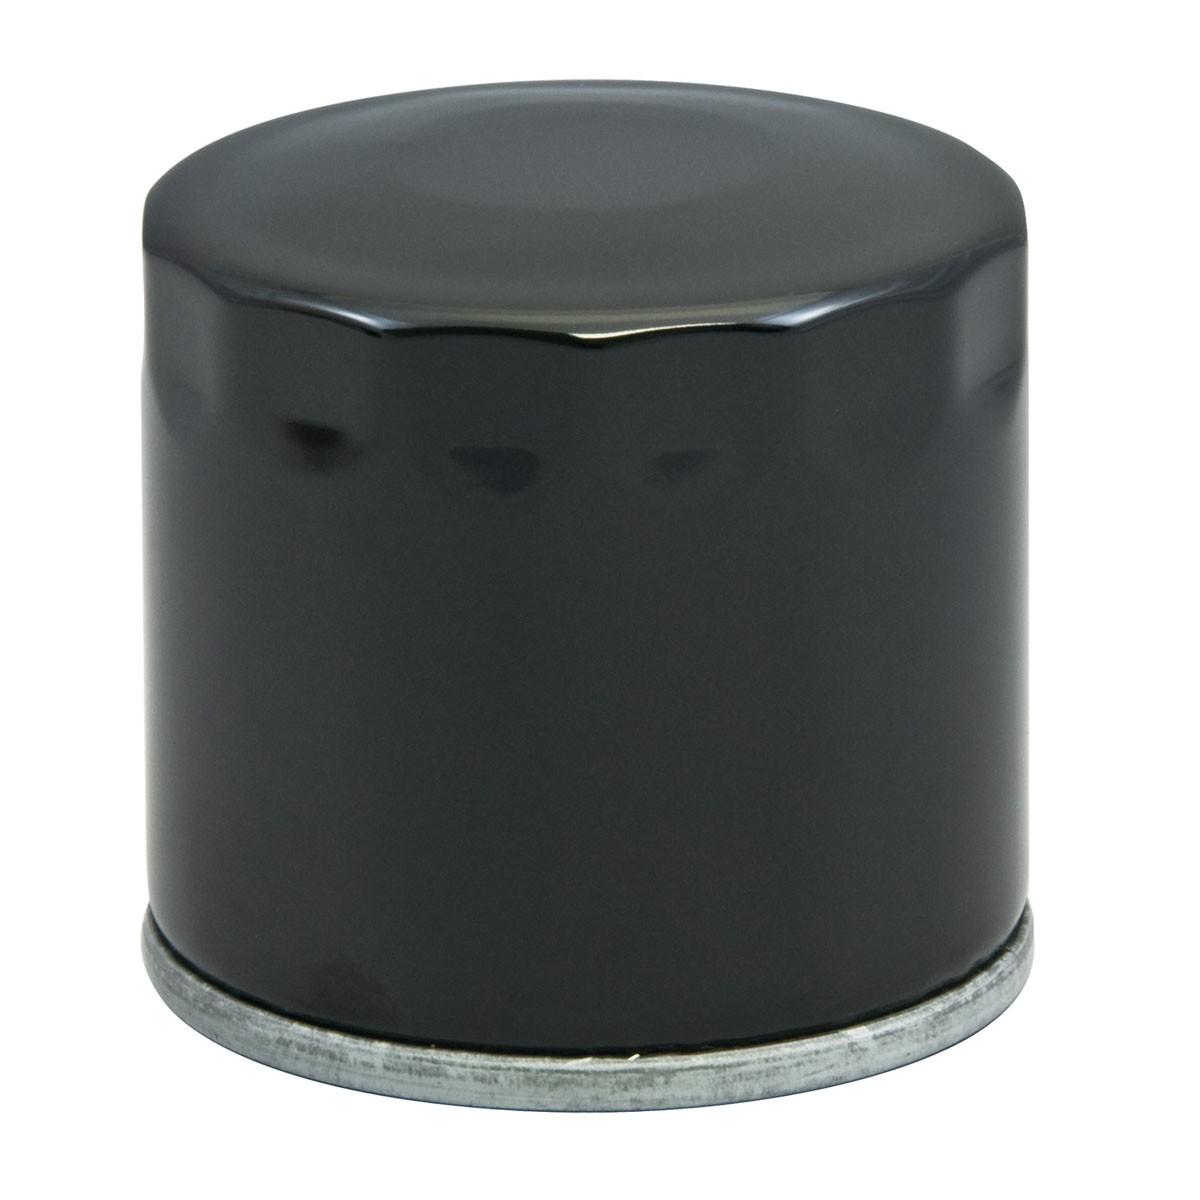 Factory Spec FS-706 Oil Filter - Black | ATV | Motorcycle